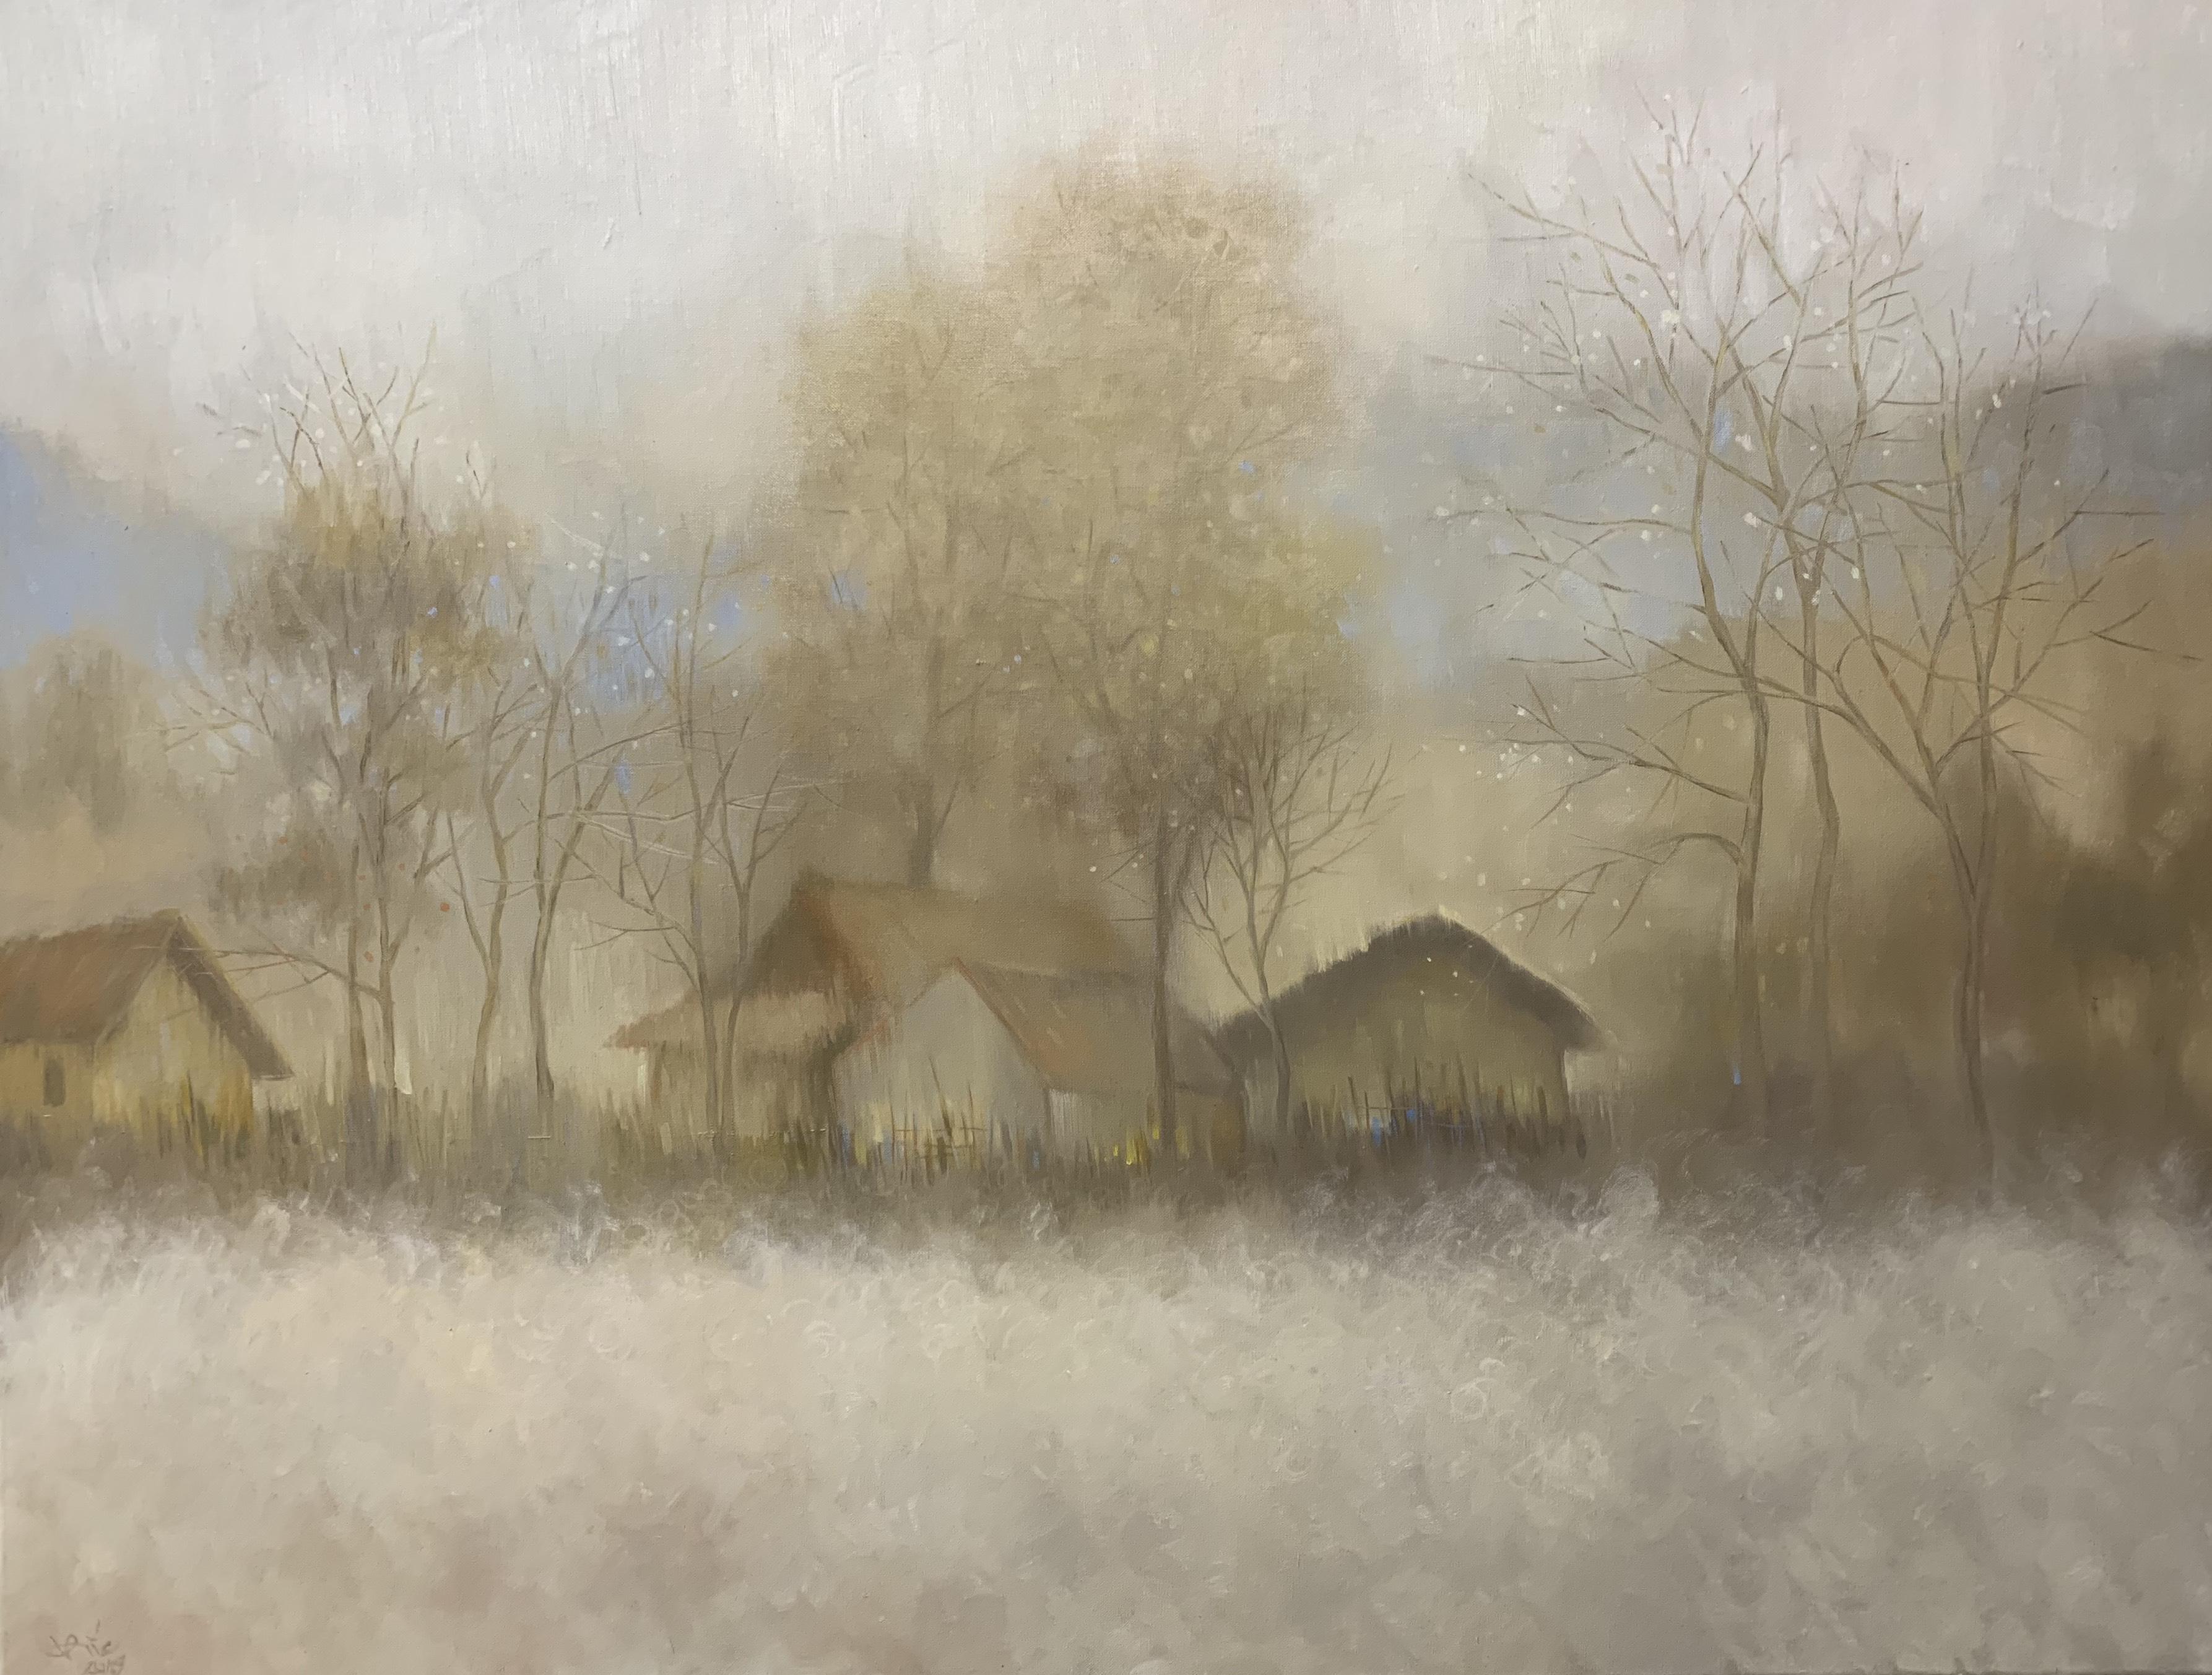 A Foggy Day | Một Ngày Sương Giăng